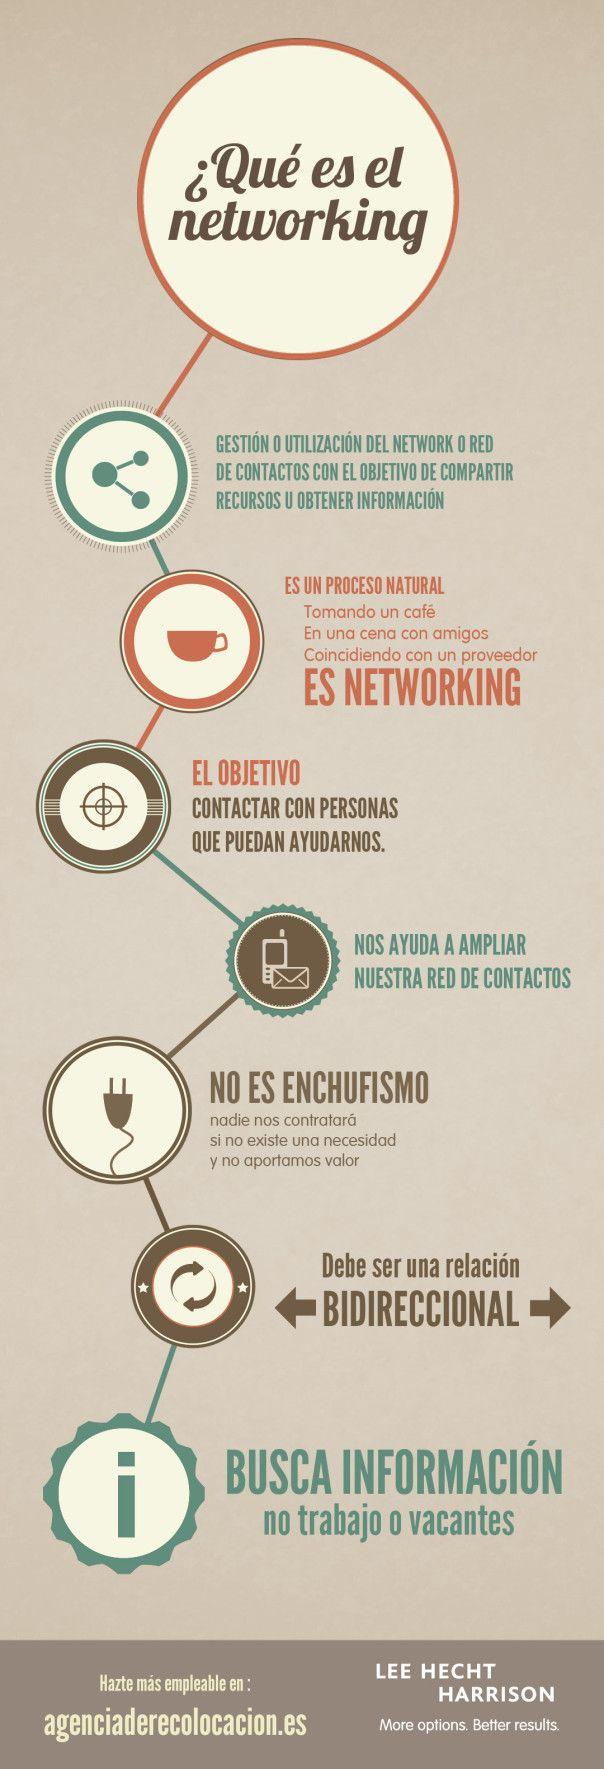 Muchas personas aún siguen preguntándose qué es el networking y para qué sirve exactamente. En esta infografía se responden a grandes rasgos esas preguntas. Y tú, ¿sigues sin construir tu red de contactos? http://www.4life4us.com